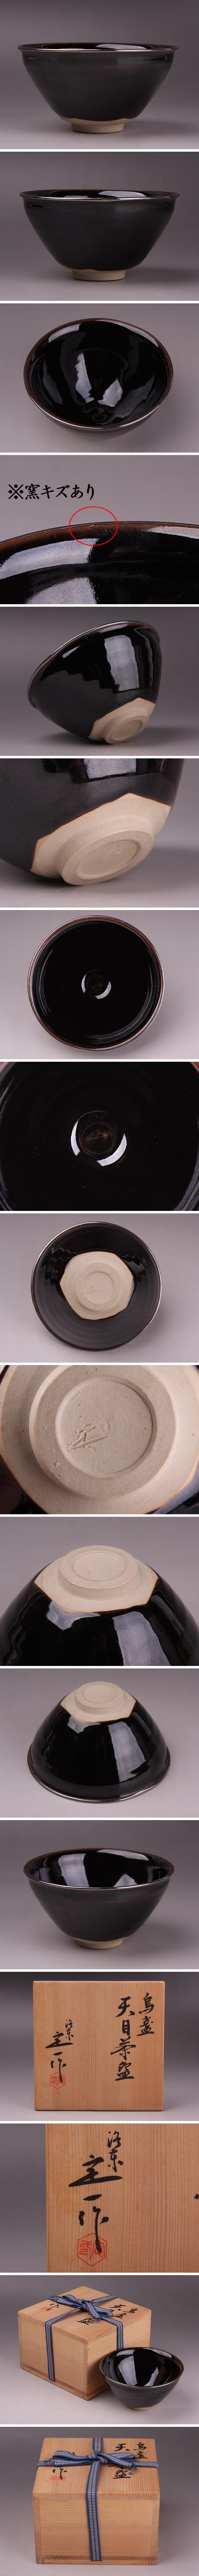 【骨董】桶谷定一 鳥盞天目茶碗 共箱 本物保証 茶道具 覆輪付nの詳細